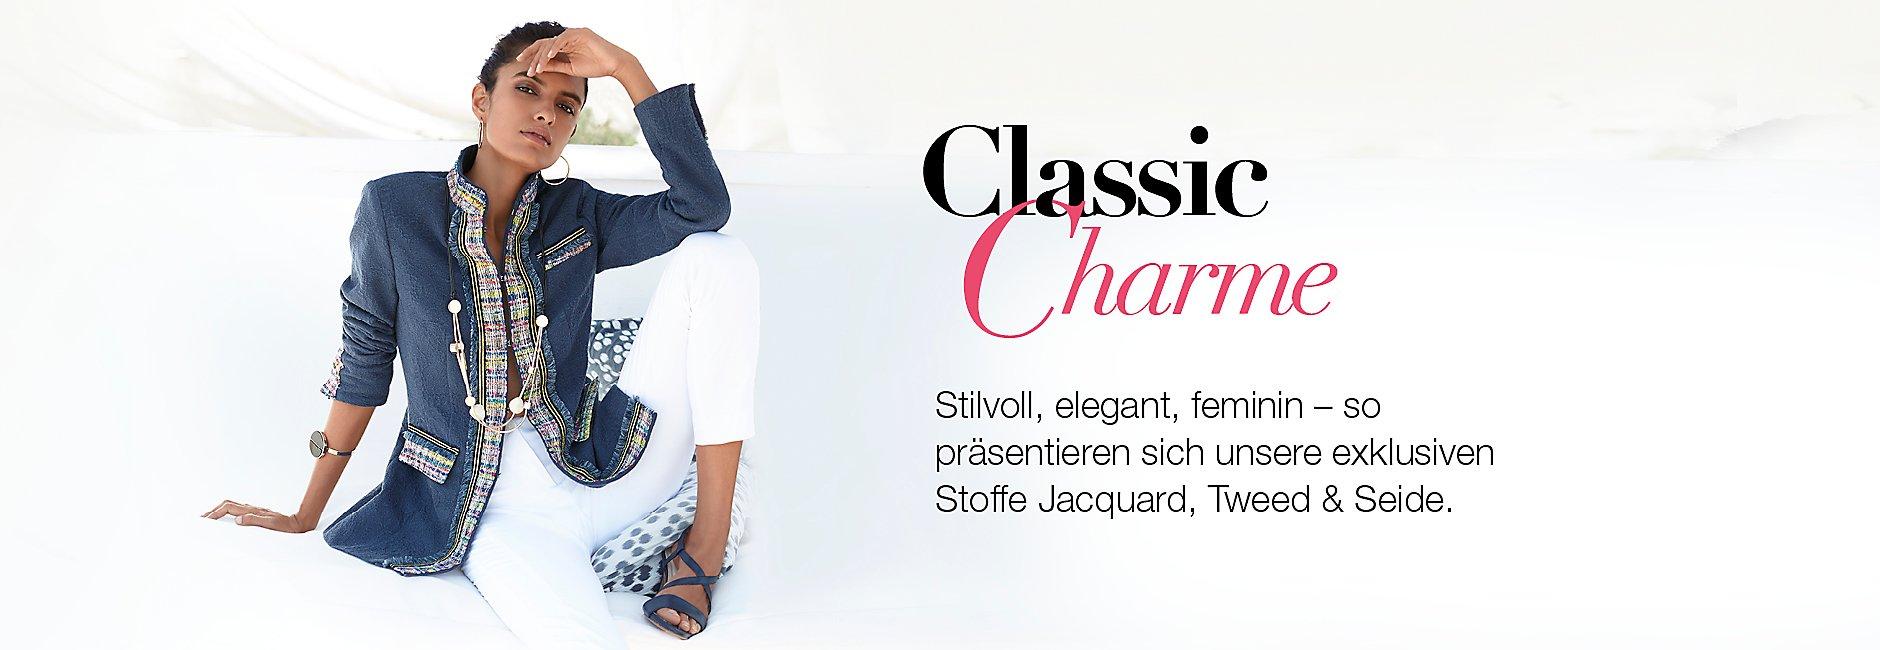 Exklusive Qualitäten mit den Stoffen Jacquard, Tweed und Seide